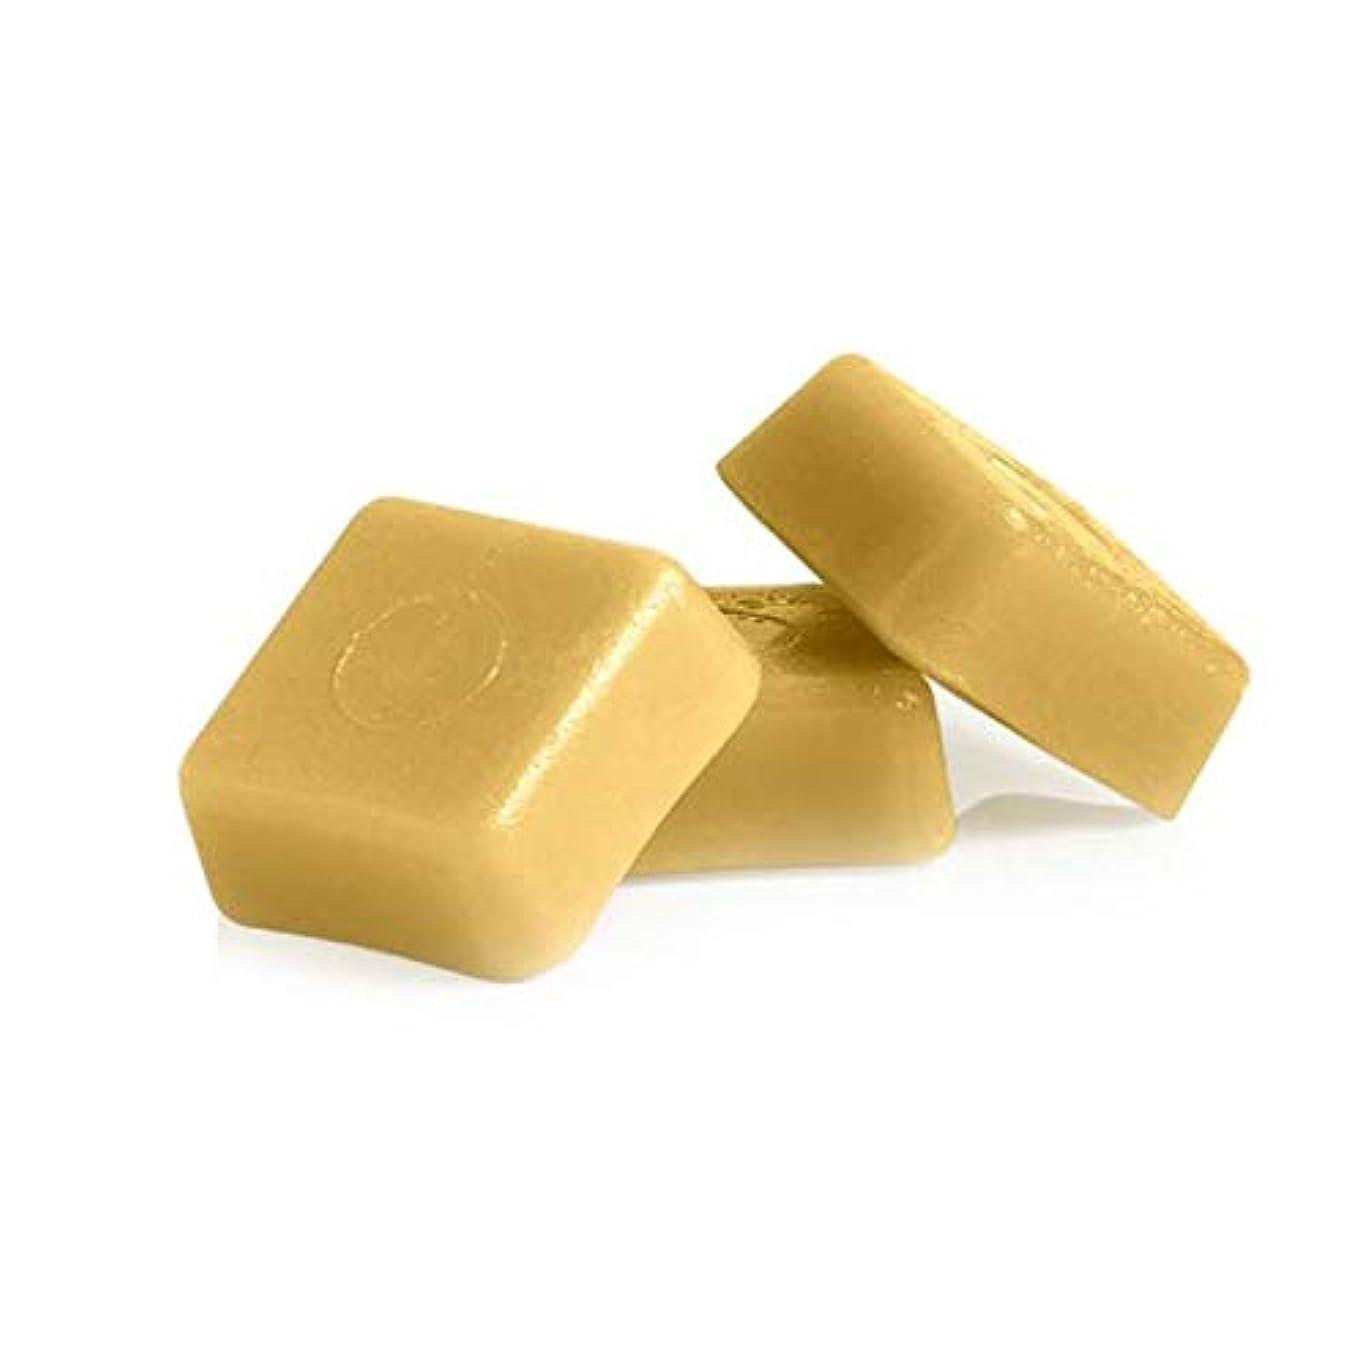 塩ノベルティ下に業務用ブラジリアンワックス プロ専用脱毛ハードワックスStarpil Wax:ゴールド?スターピル (ORO) 1000g